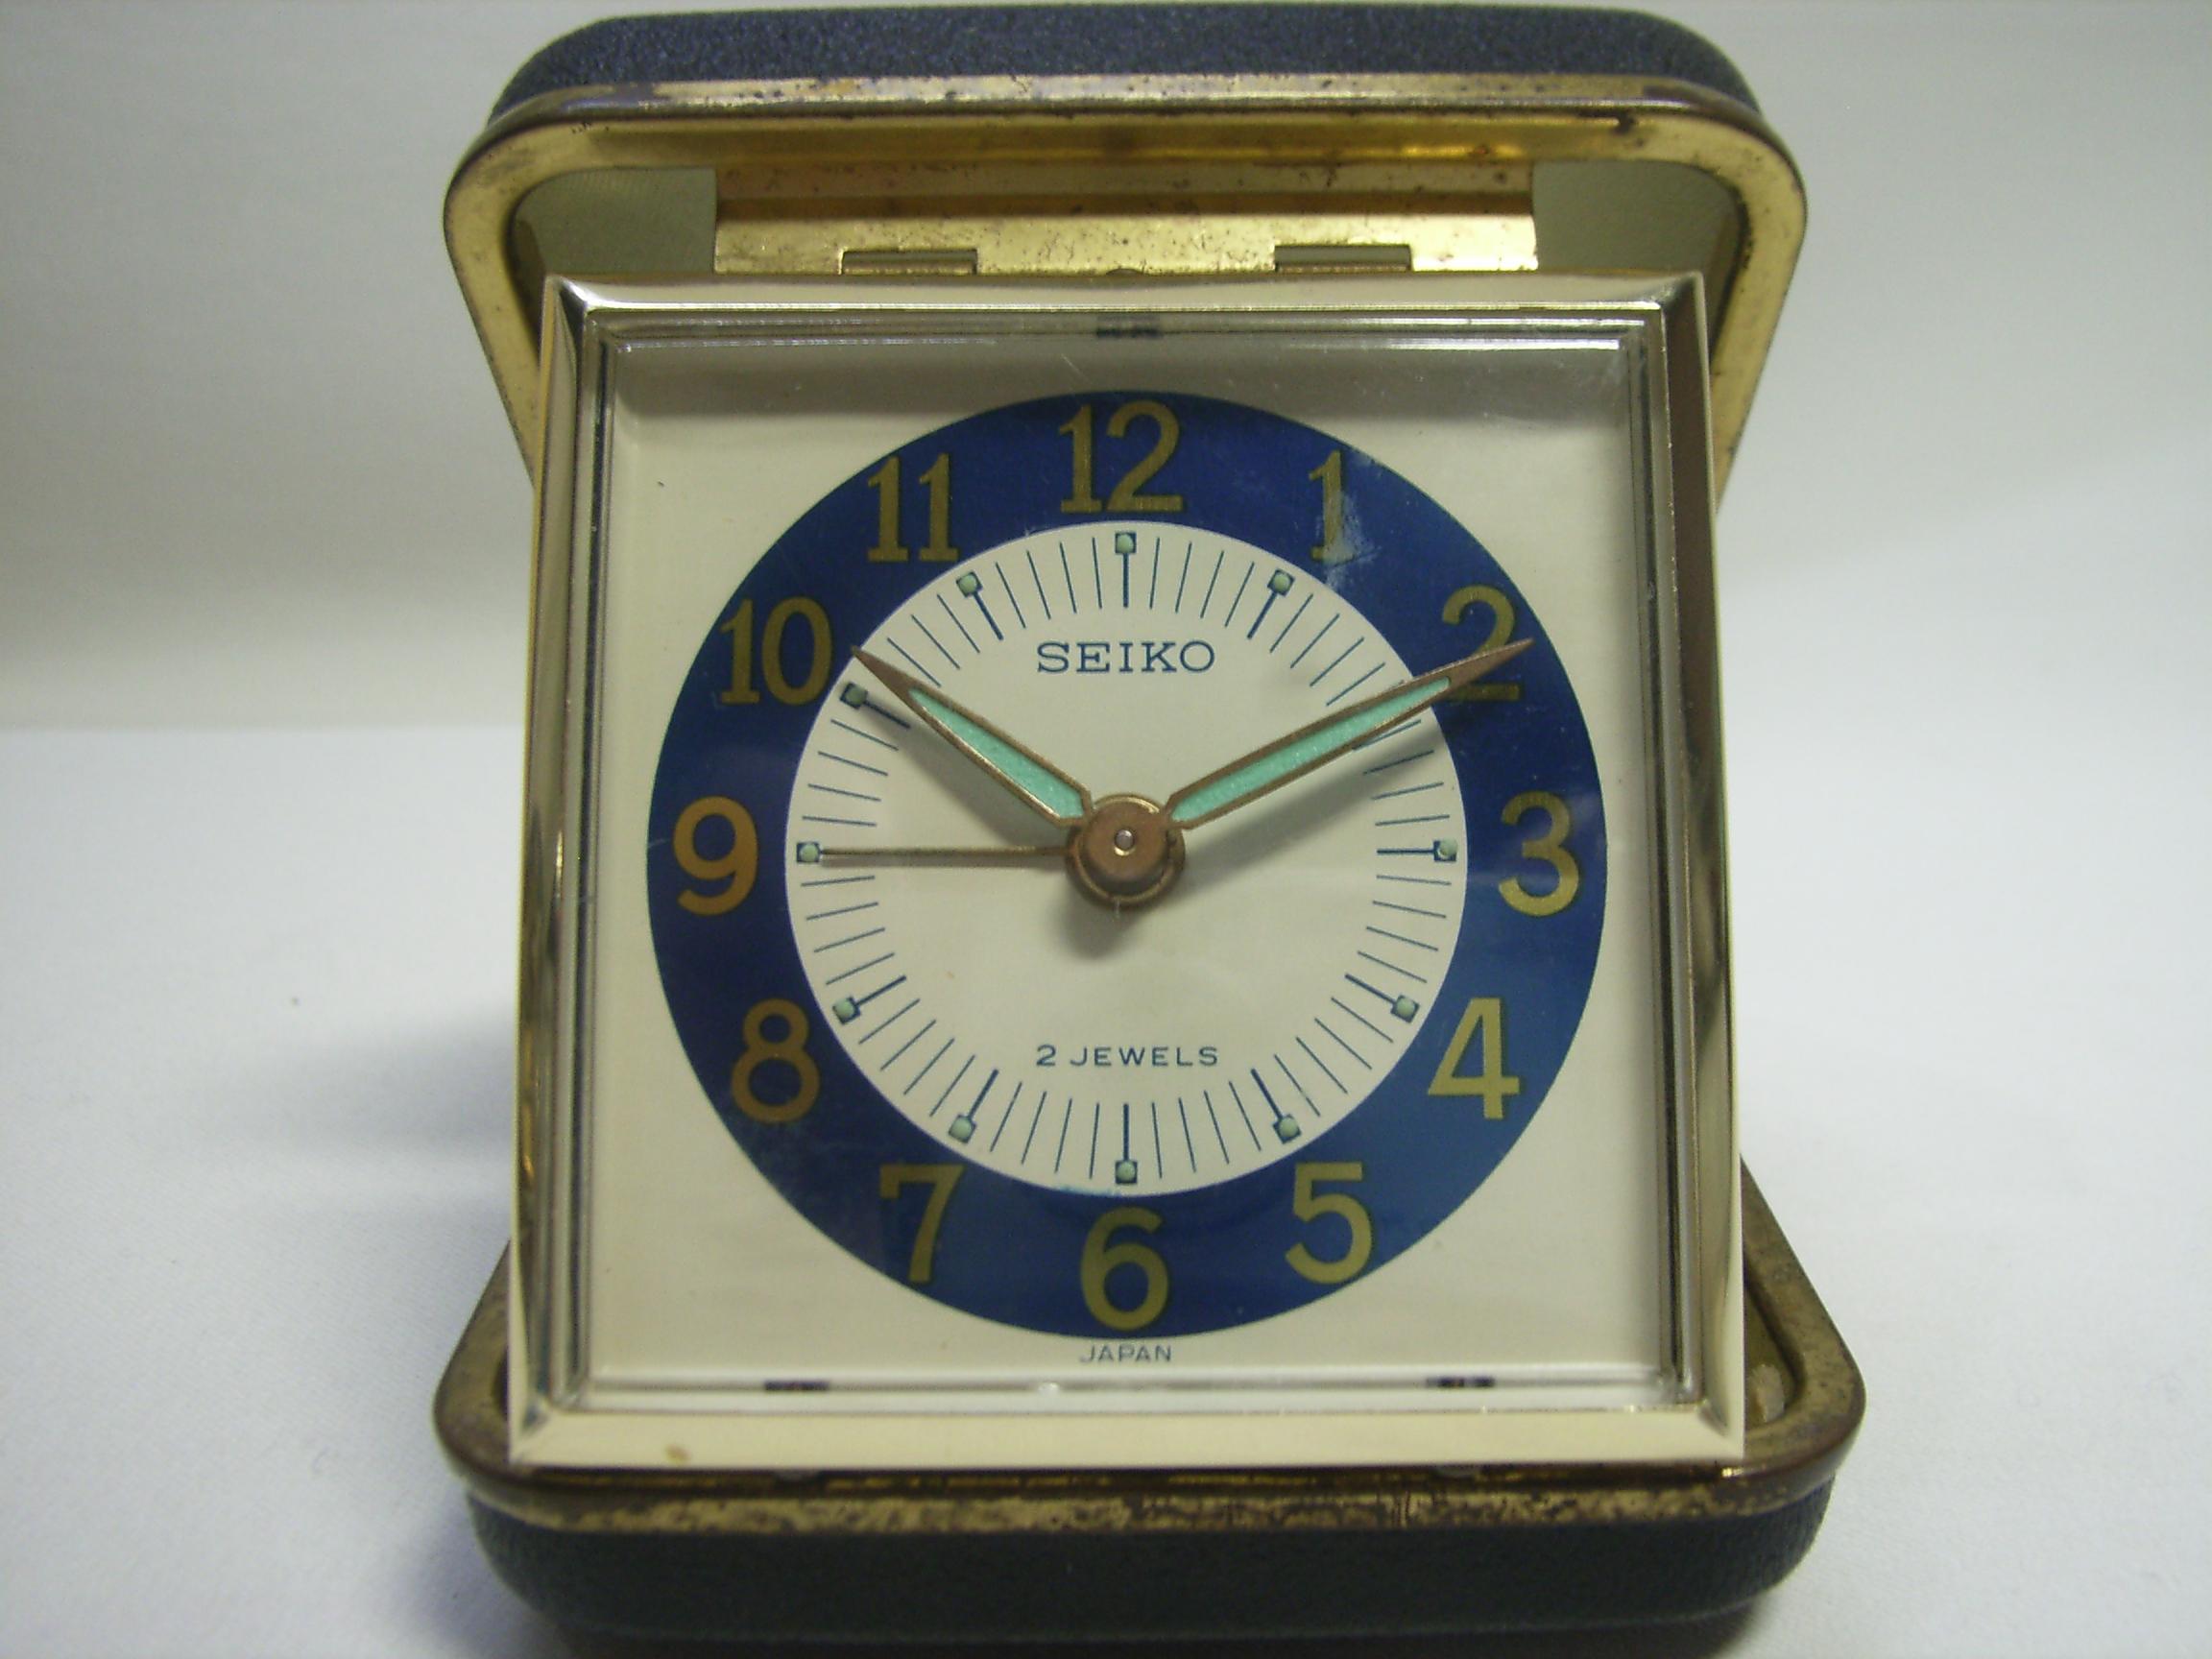 セイコー トラベルアラーム時計 手巻き 黒 動作確認済み 現状 【AJ1124】